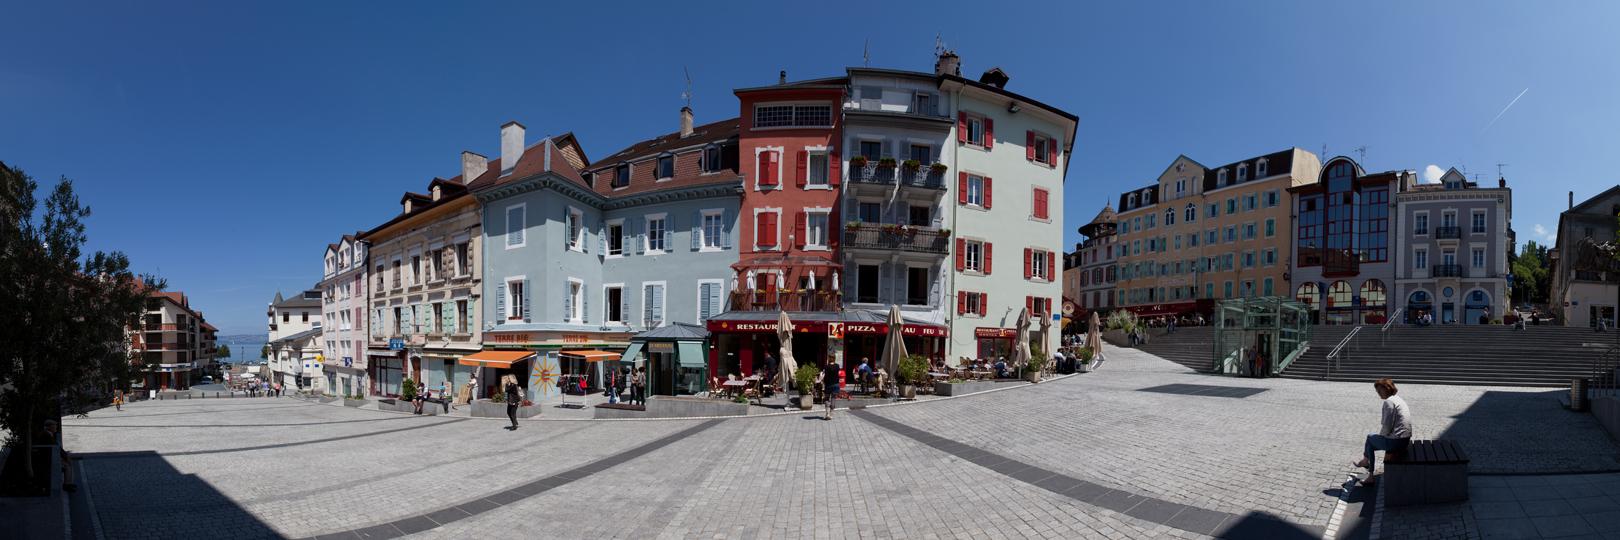 08 Place Charles de Gaule  Evian-les-Bains